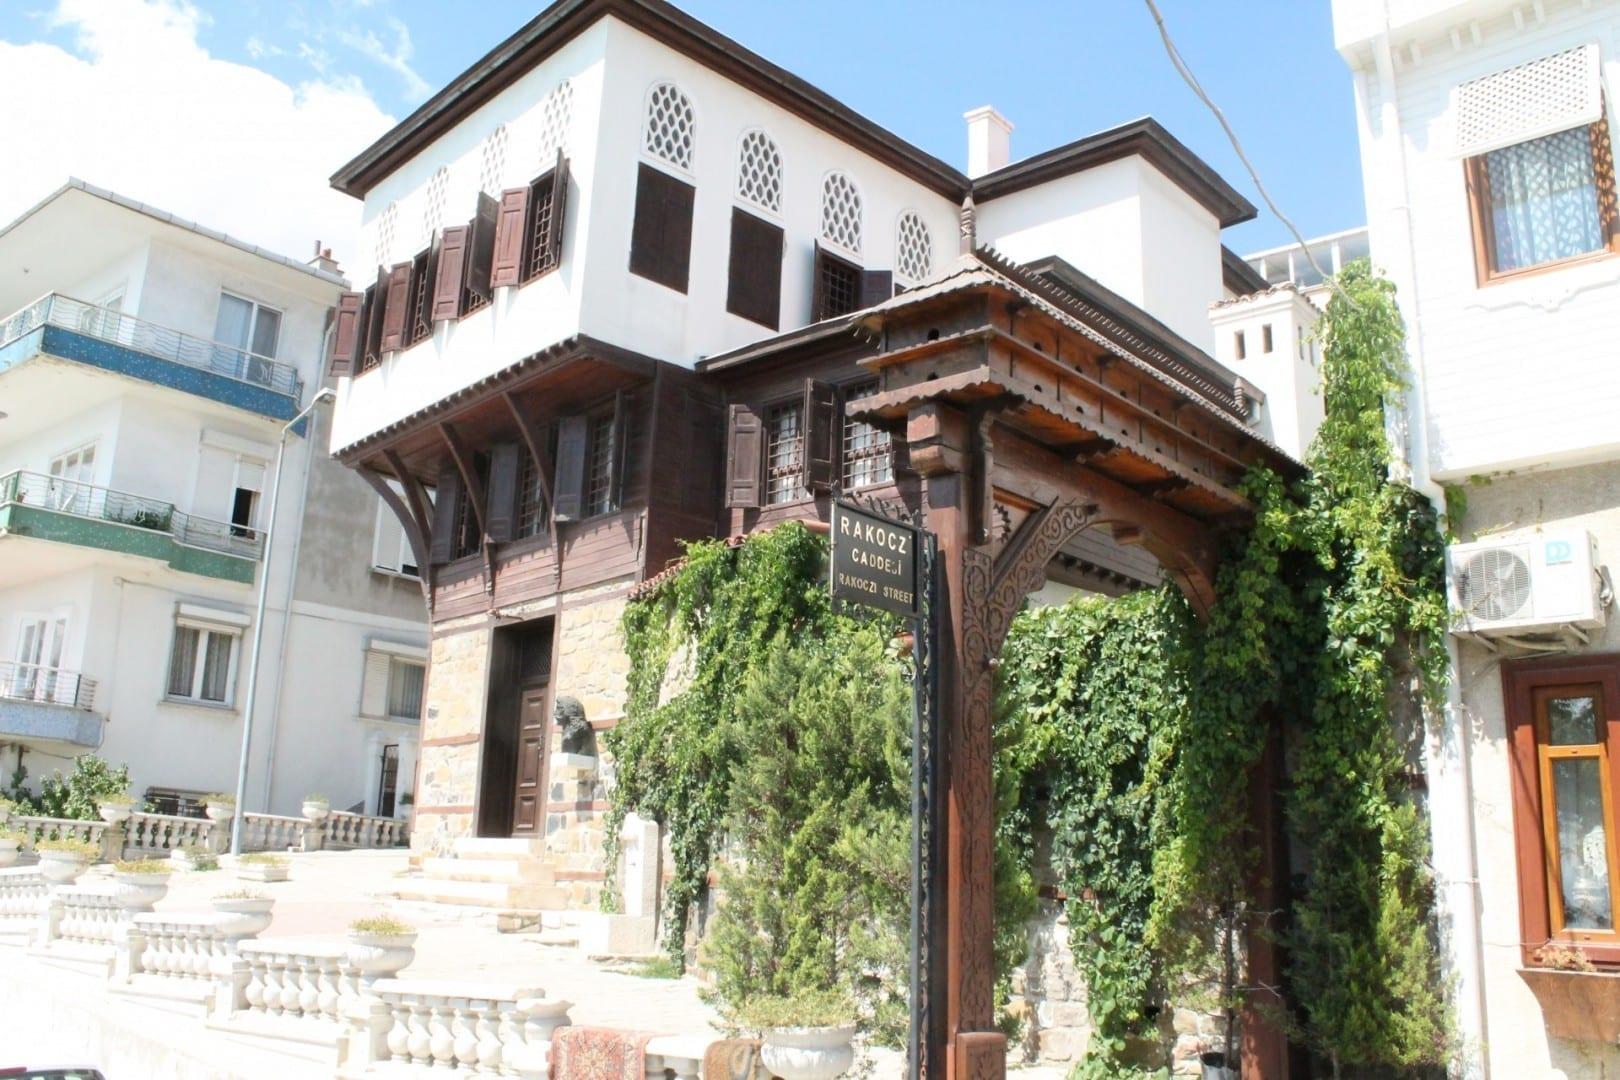 La casa de Rakoczi Tekirdag Turquía